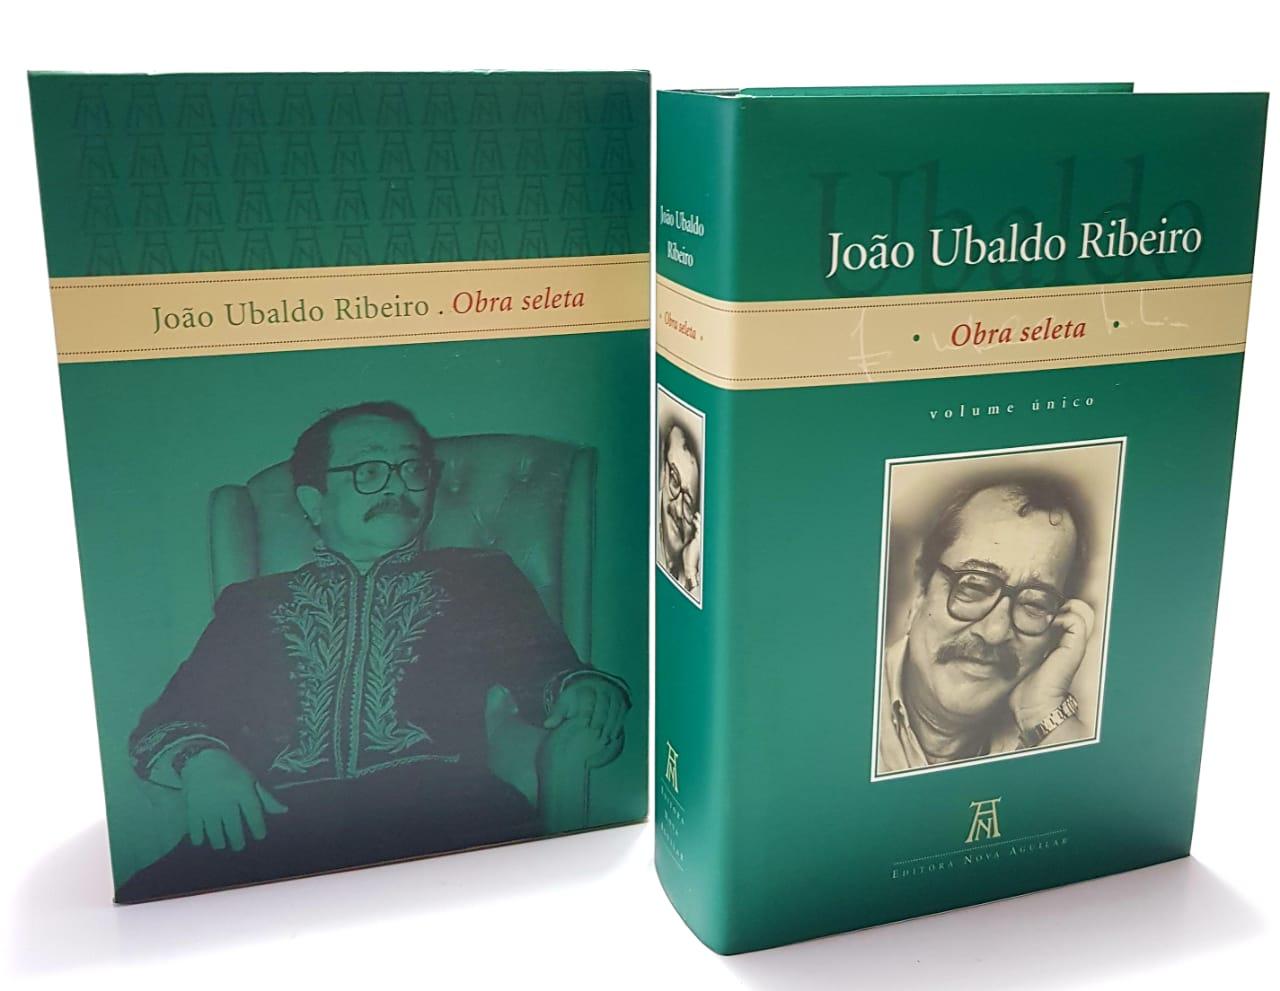 João Ubaldo Ribeiro - Obra Seleta / NOVA / Ed. Nova Aguilar